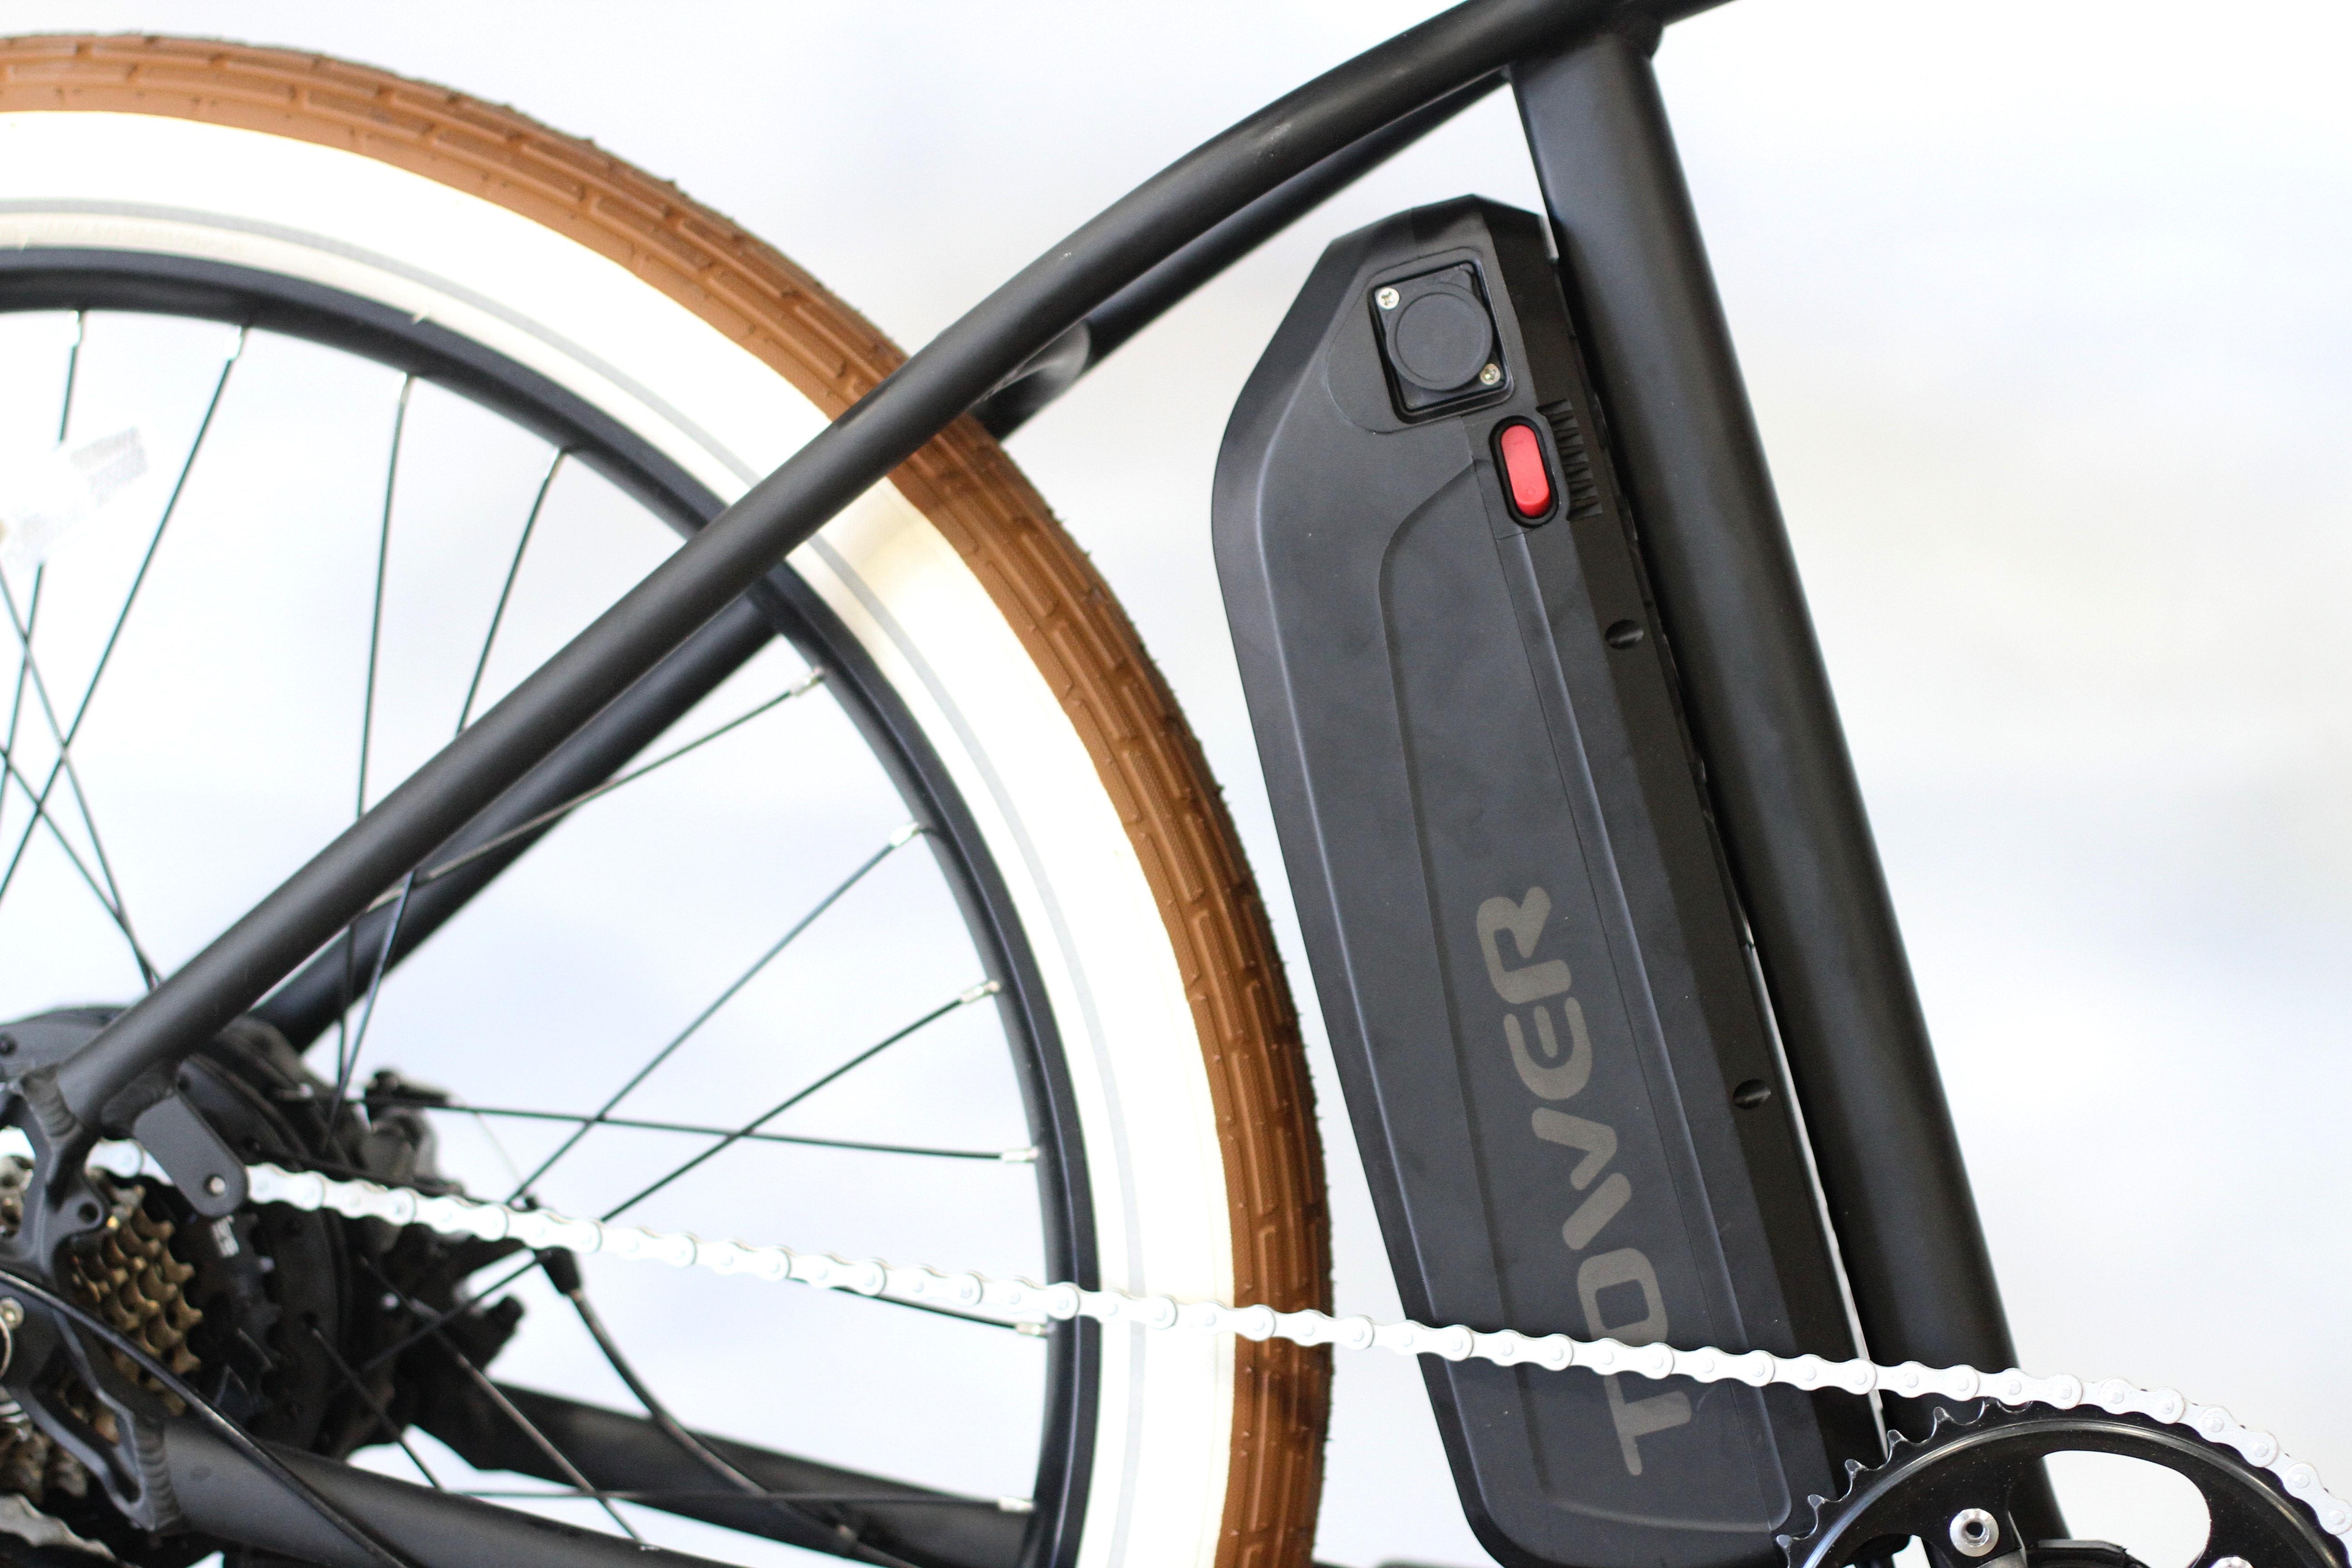 Comment tester une batterie de vélo électrique?